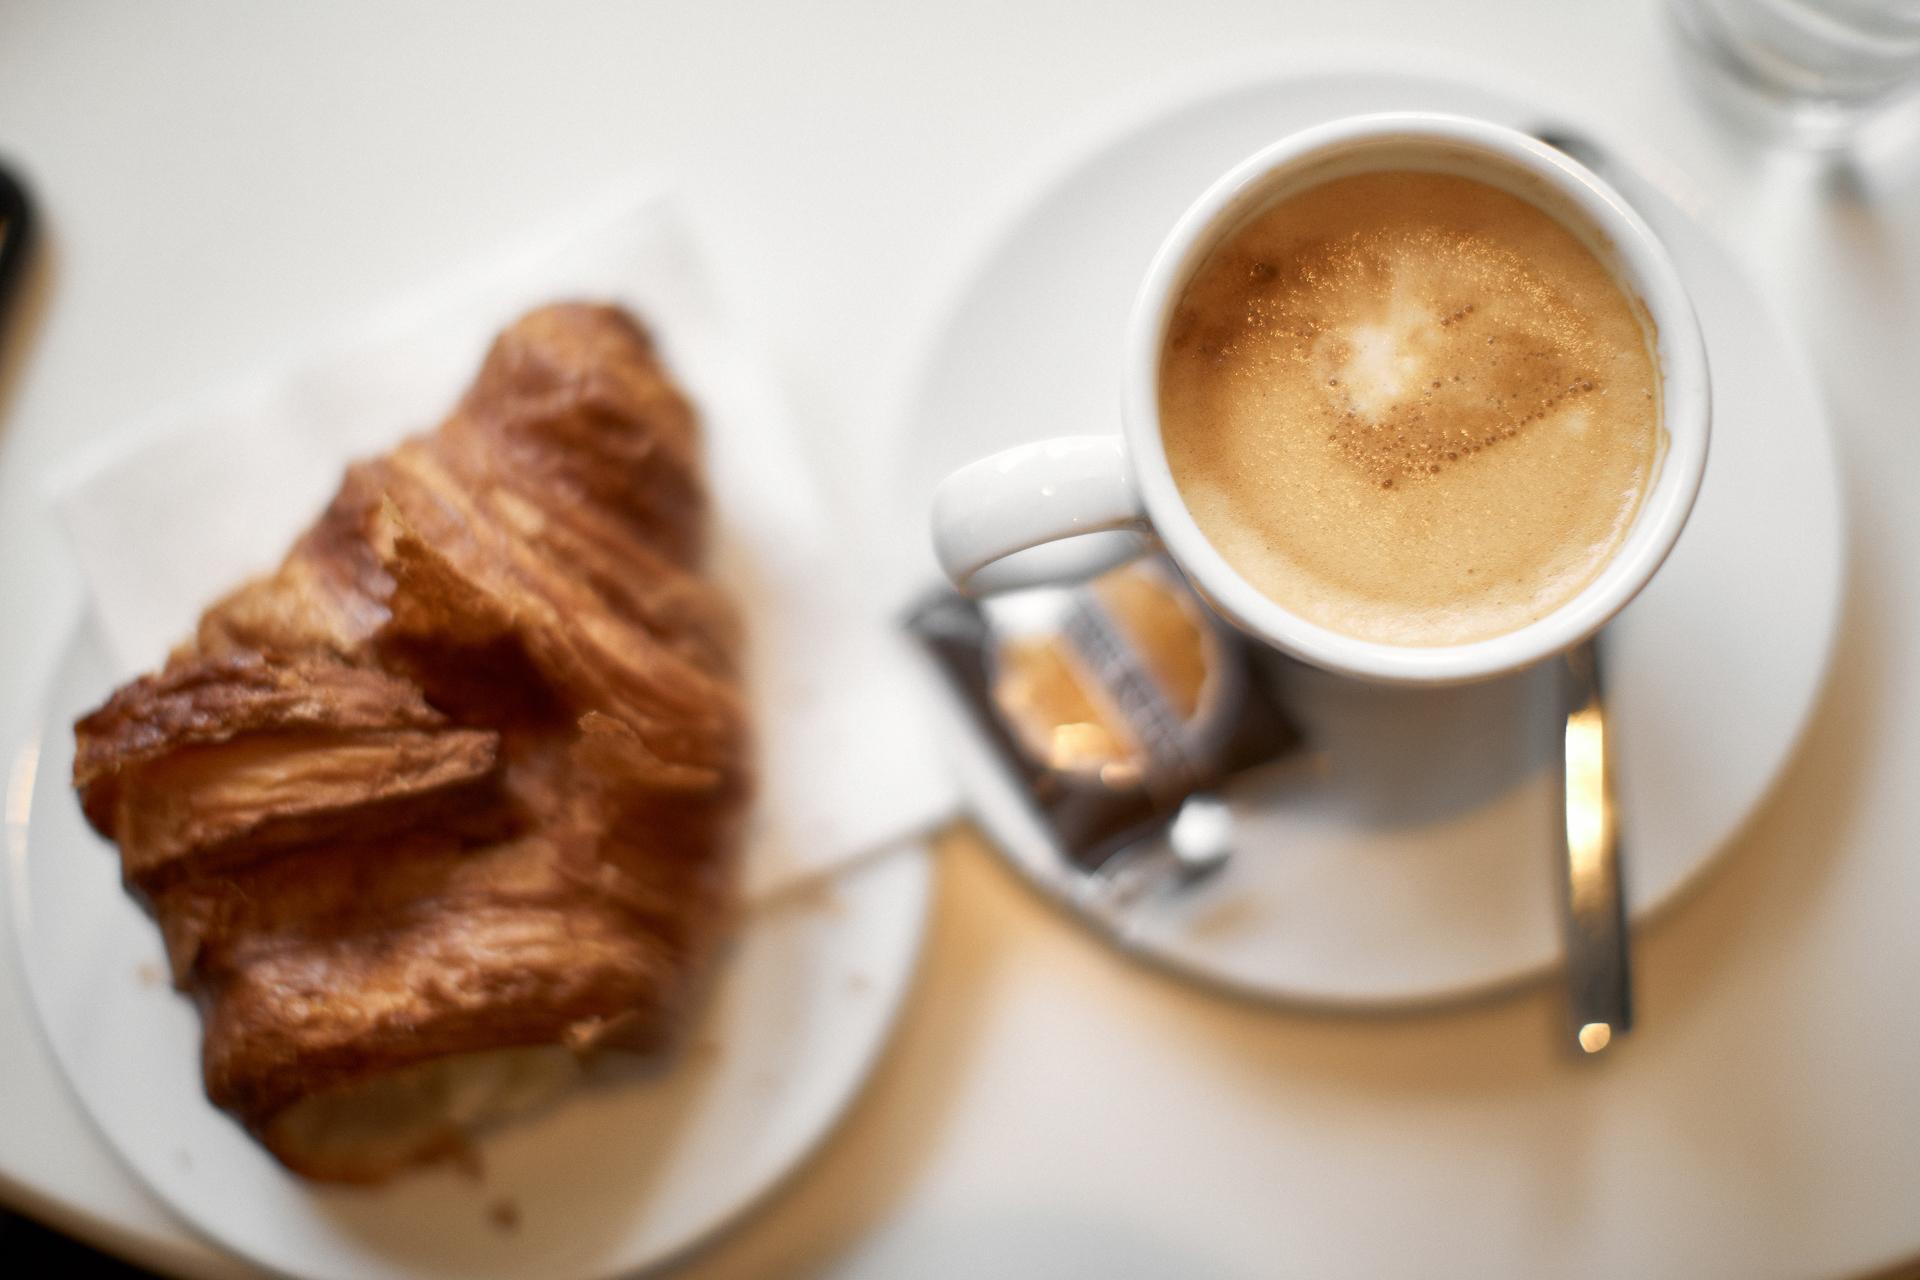 sesja ślubna - paryskie croissanty i bagietki